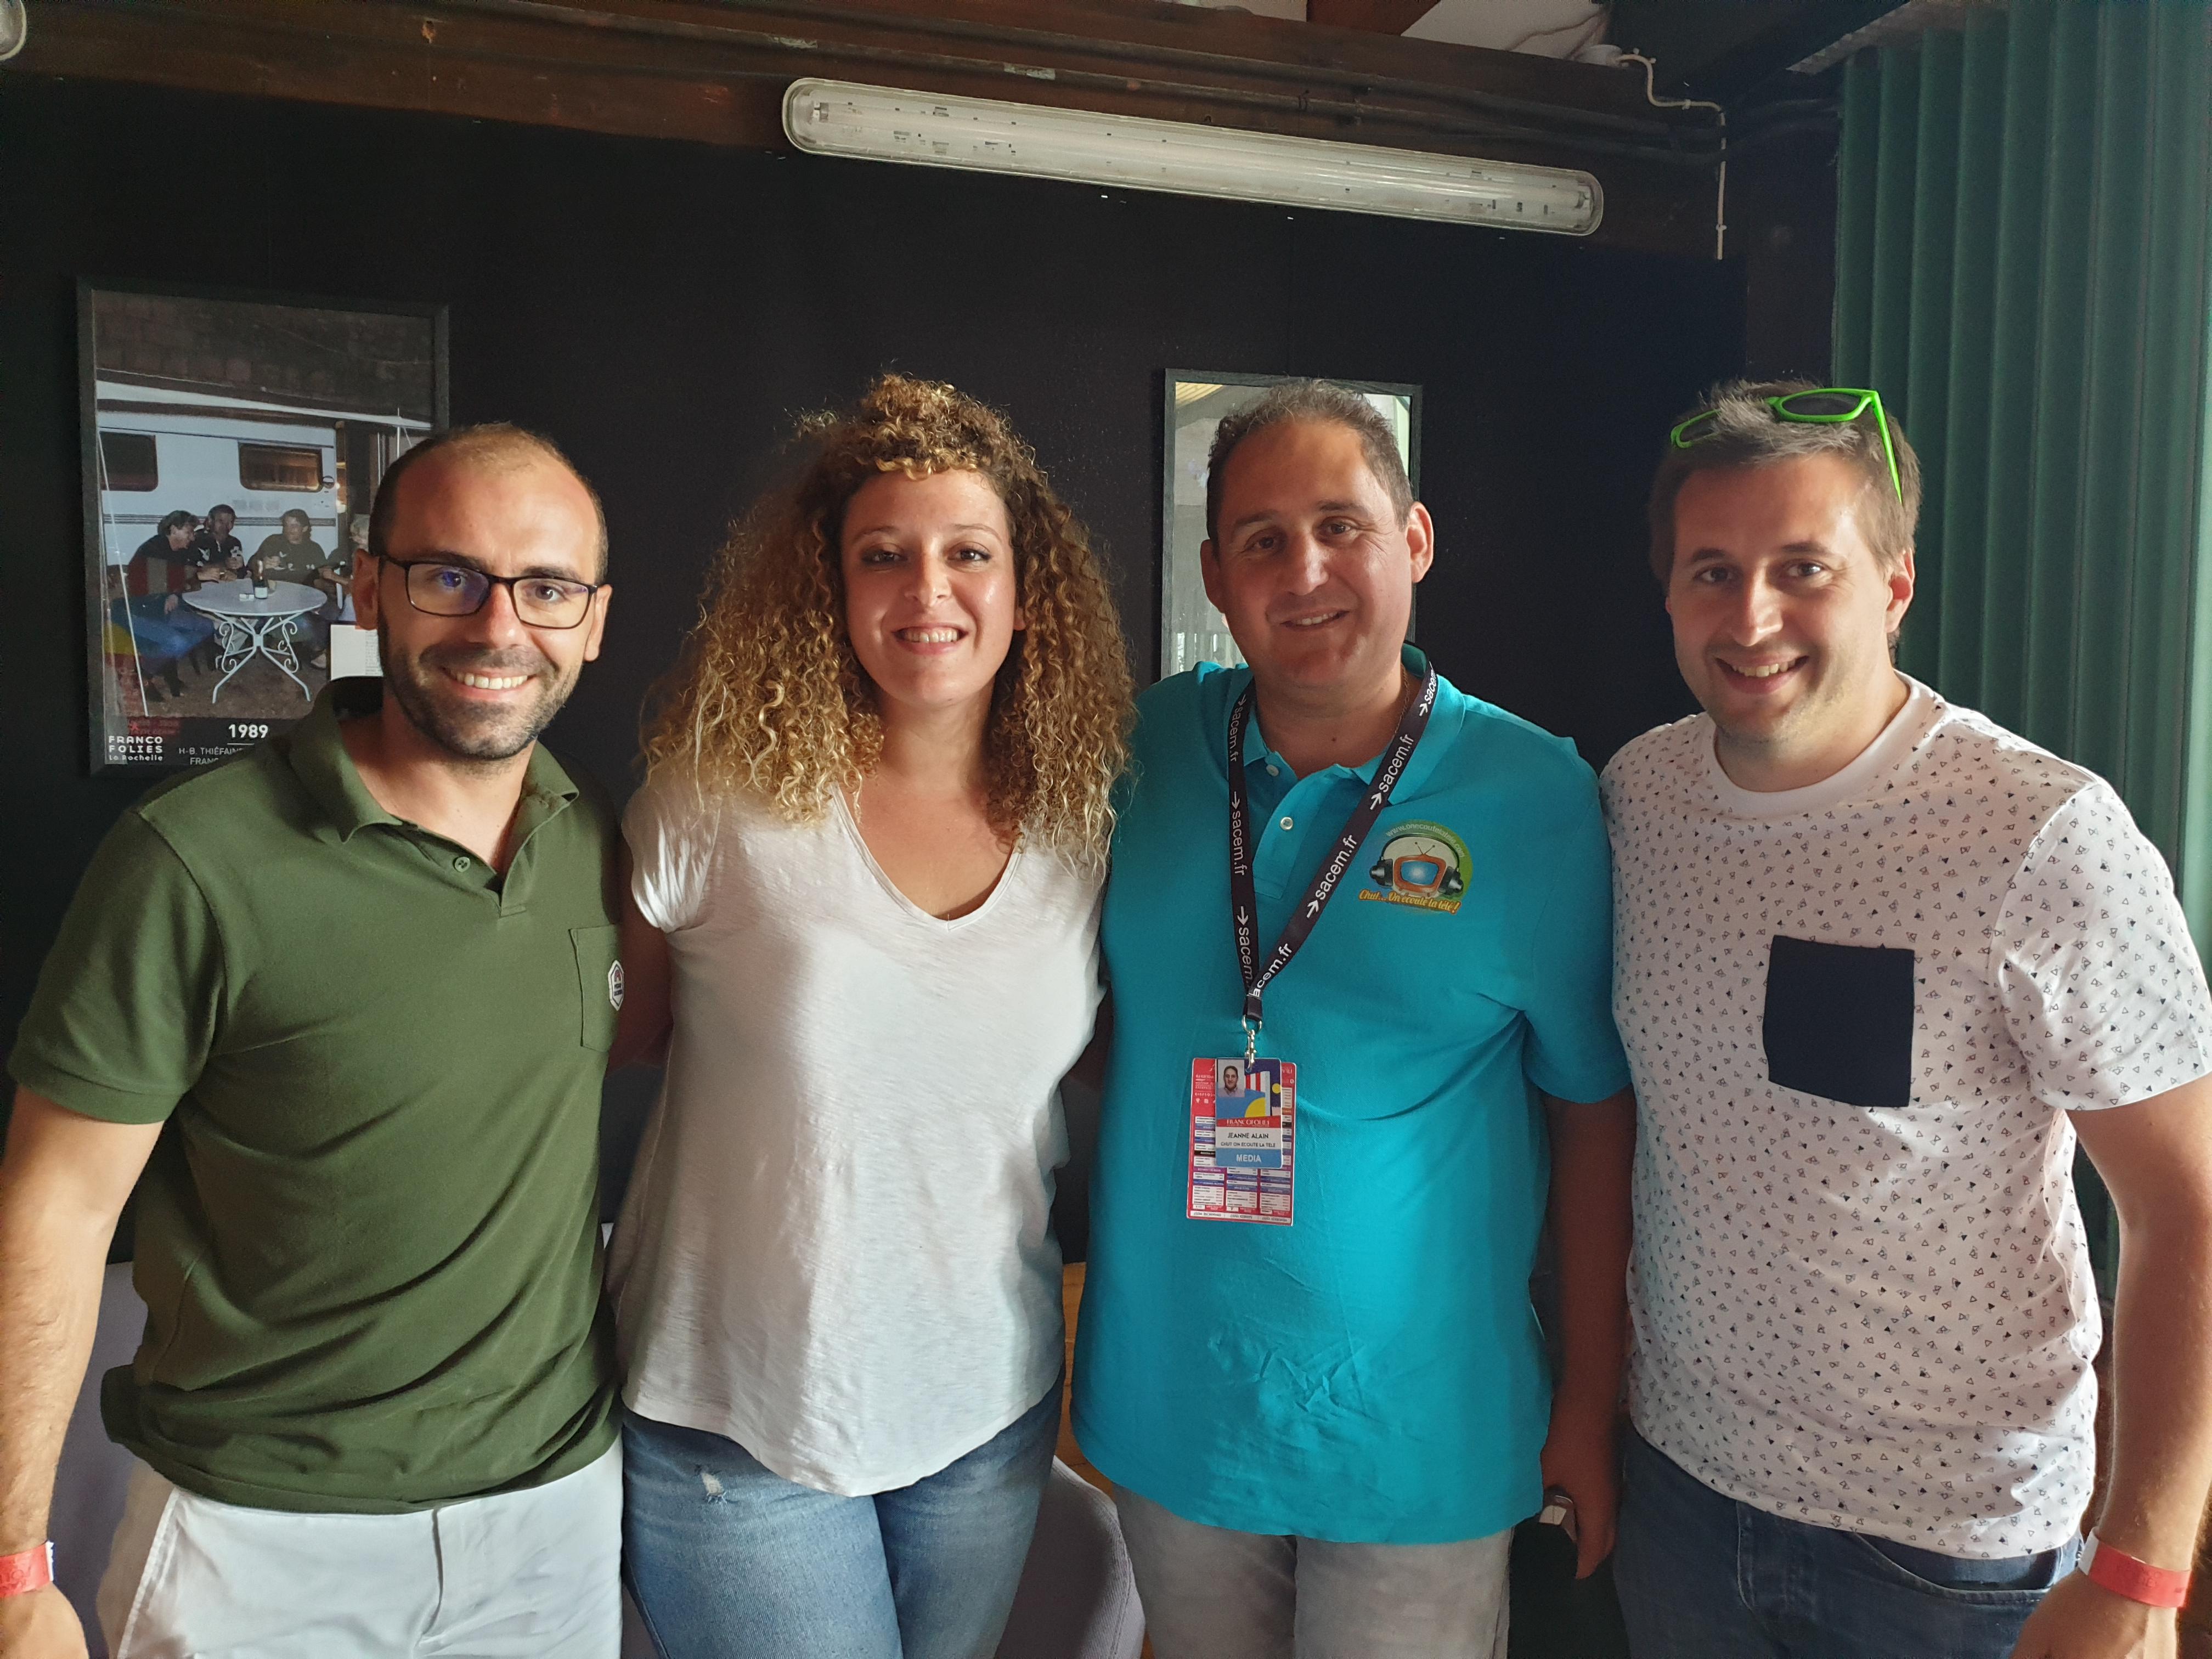 Voici en podcasts nos émissions de ce lundi 22 juillet avec Trois cafés gourmands, La source, Demain nous appartient et Un si grand soleil